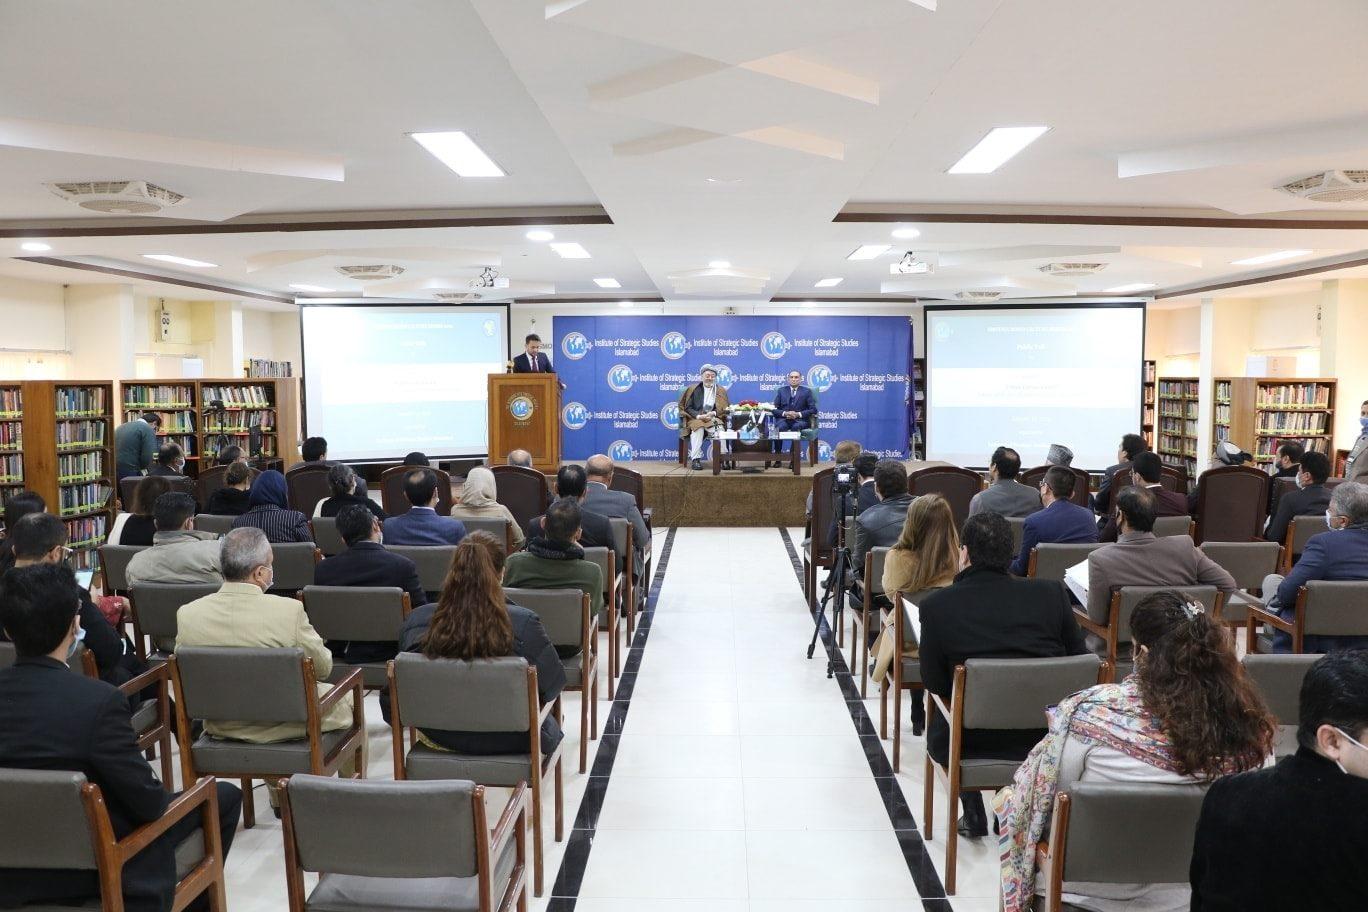 محمد کریم خلیلی: صلح افغانستان به نفع همه کشورهاست